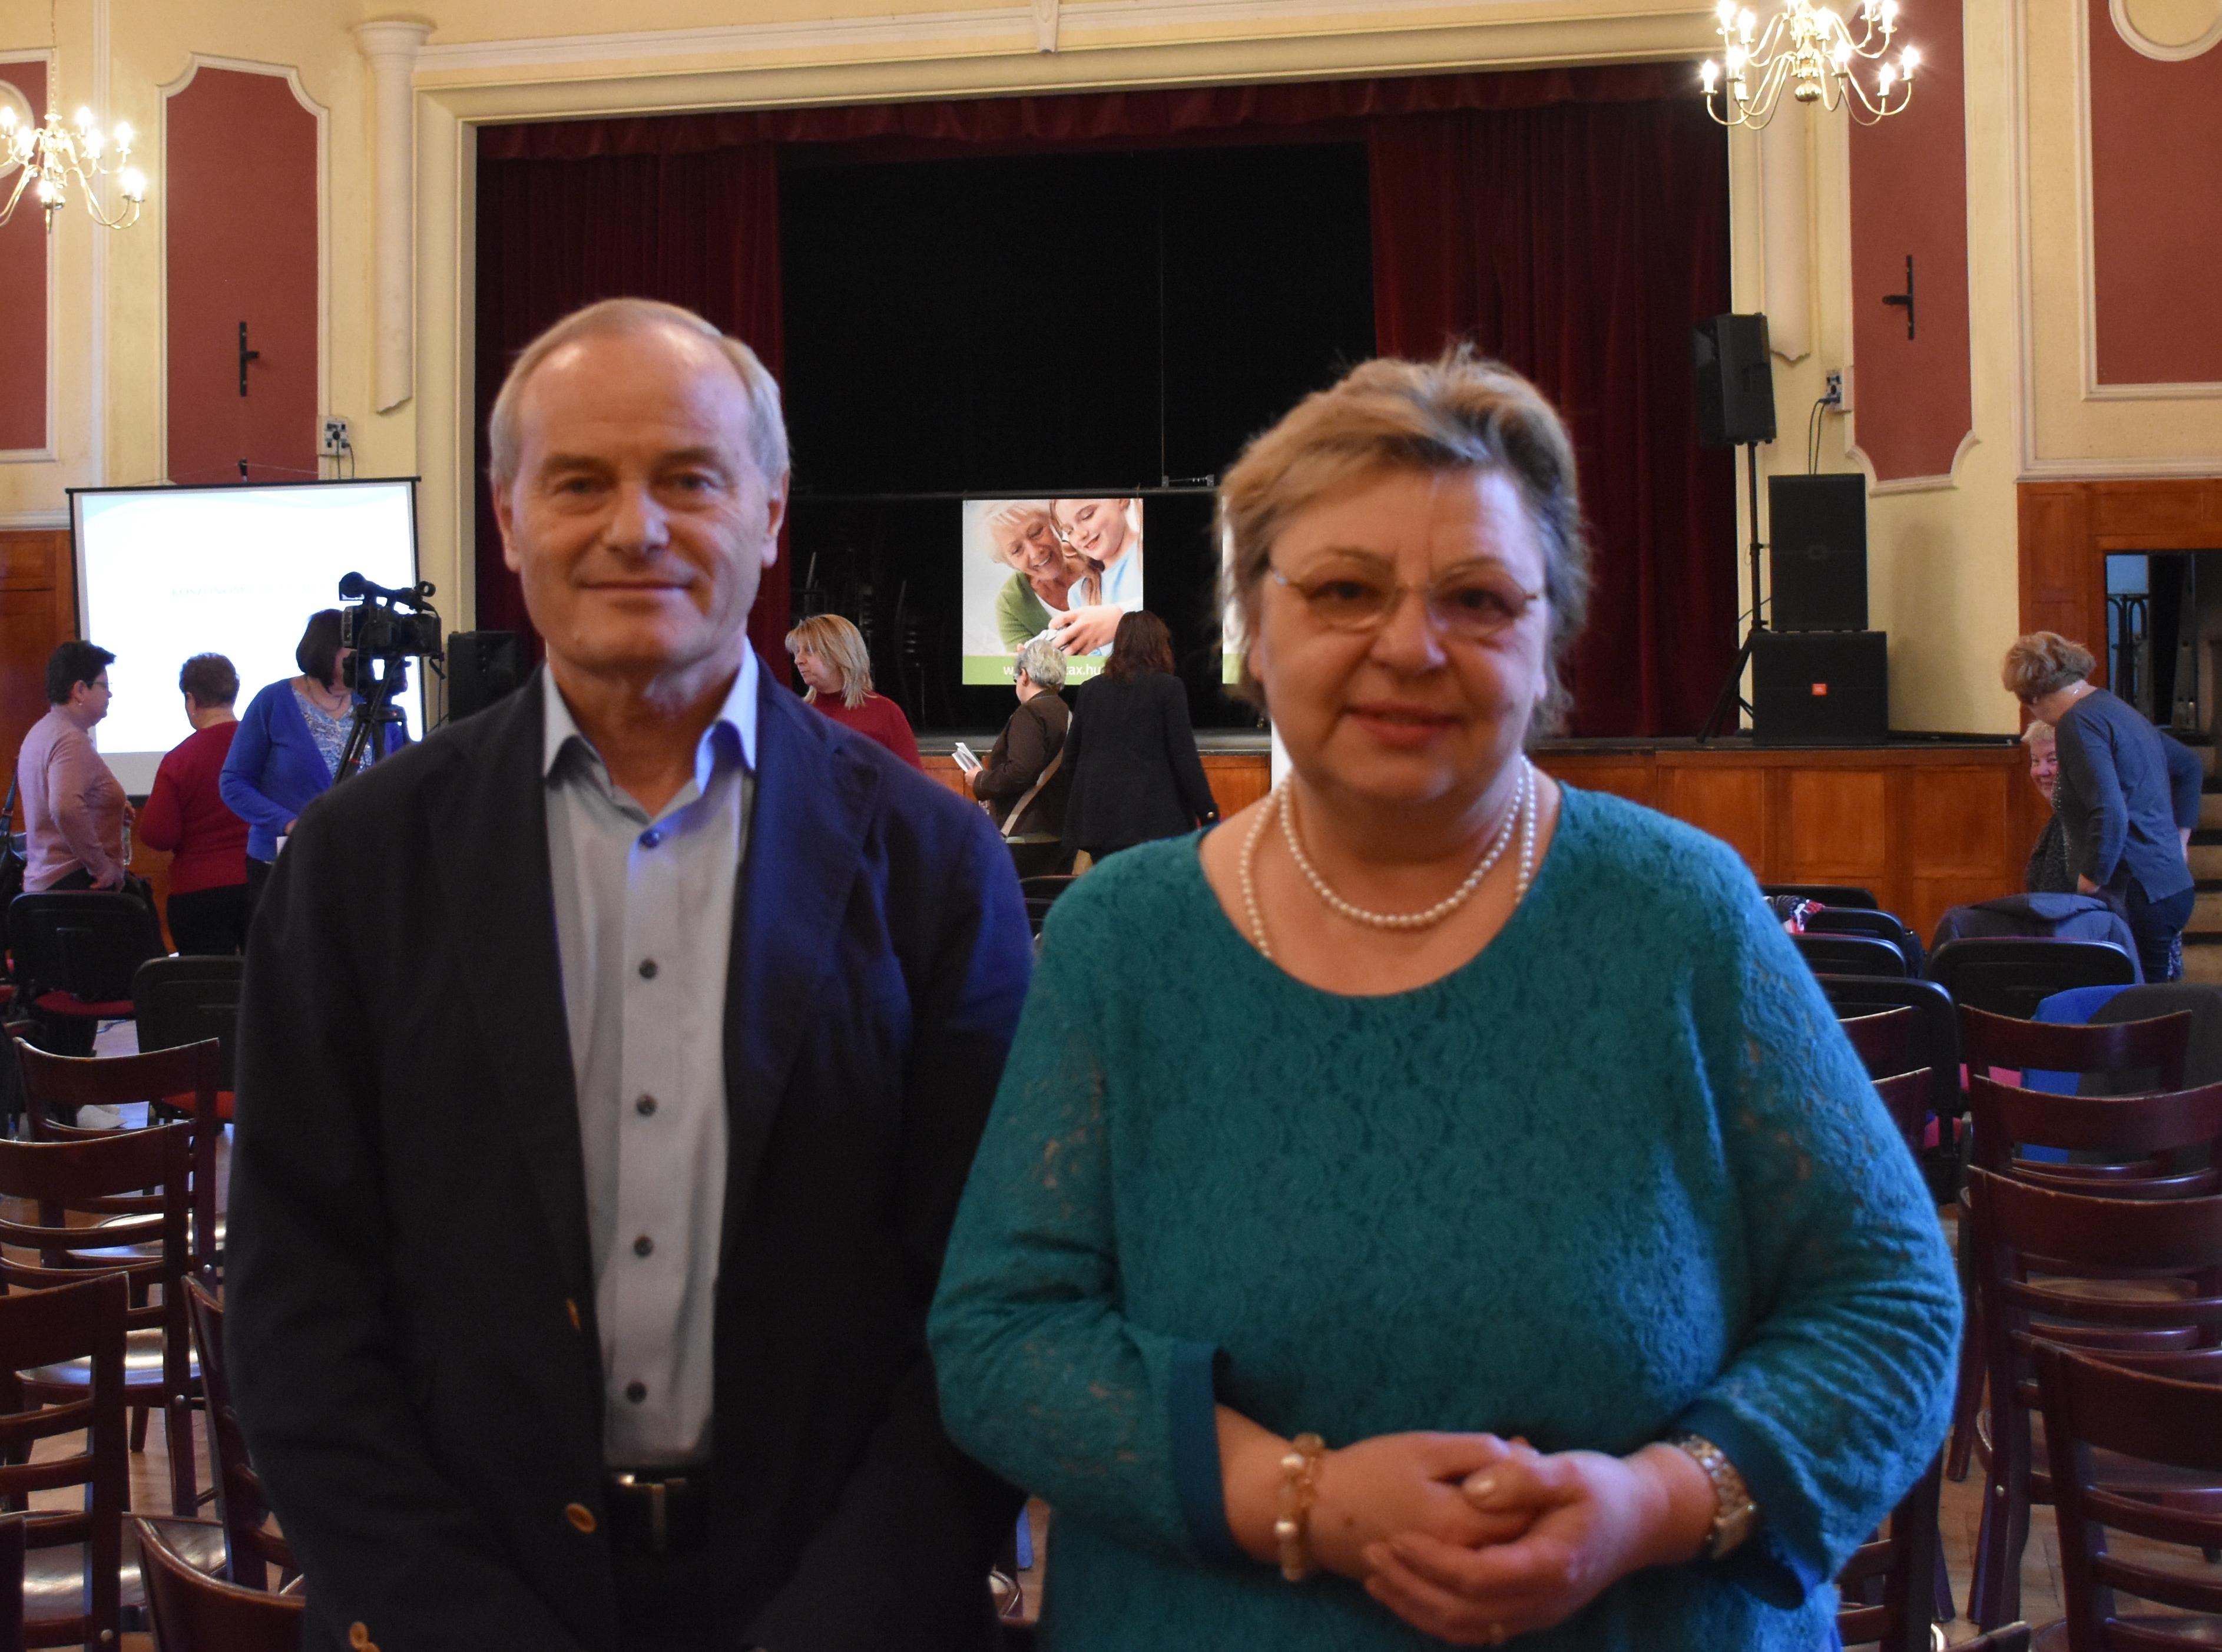 Lepsényi Mária és Zelenák András a Novitax adóklub rendezvényen 2017.02.01. KÖSZI